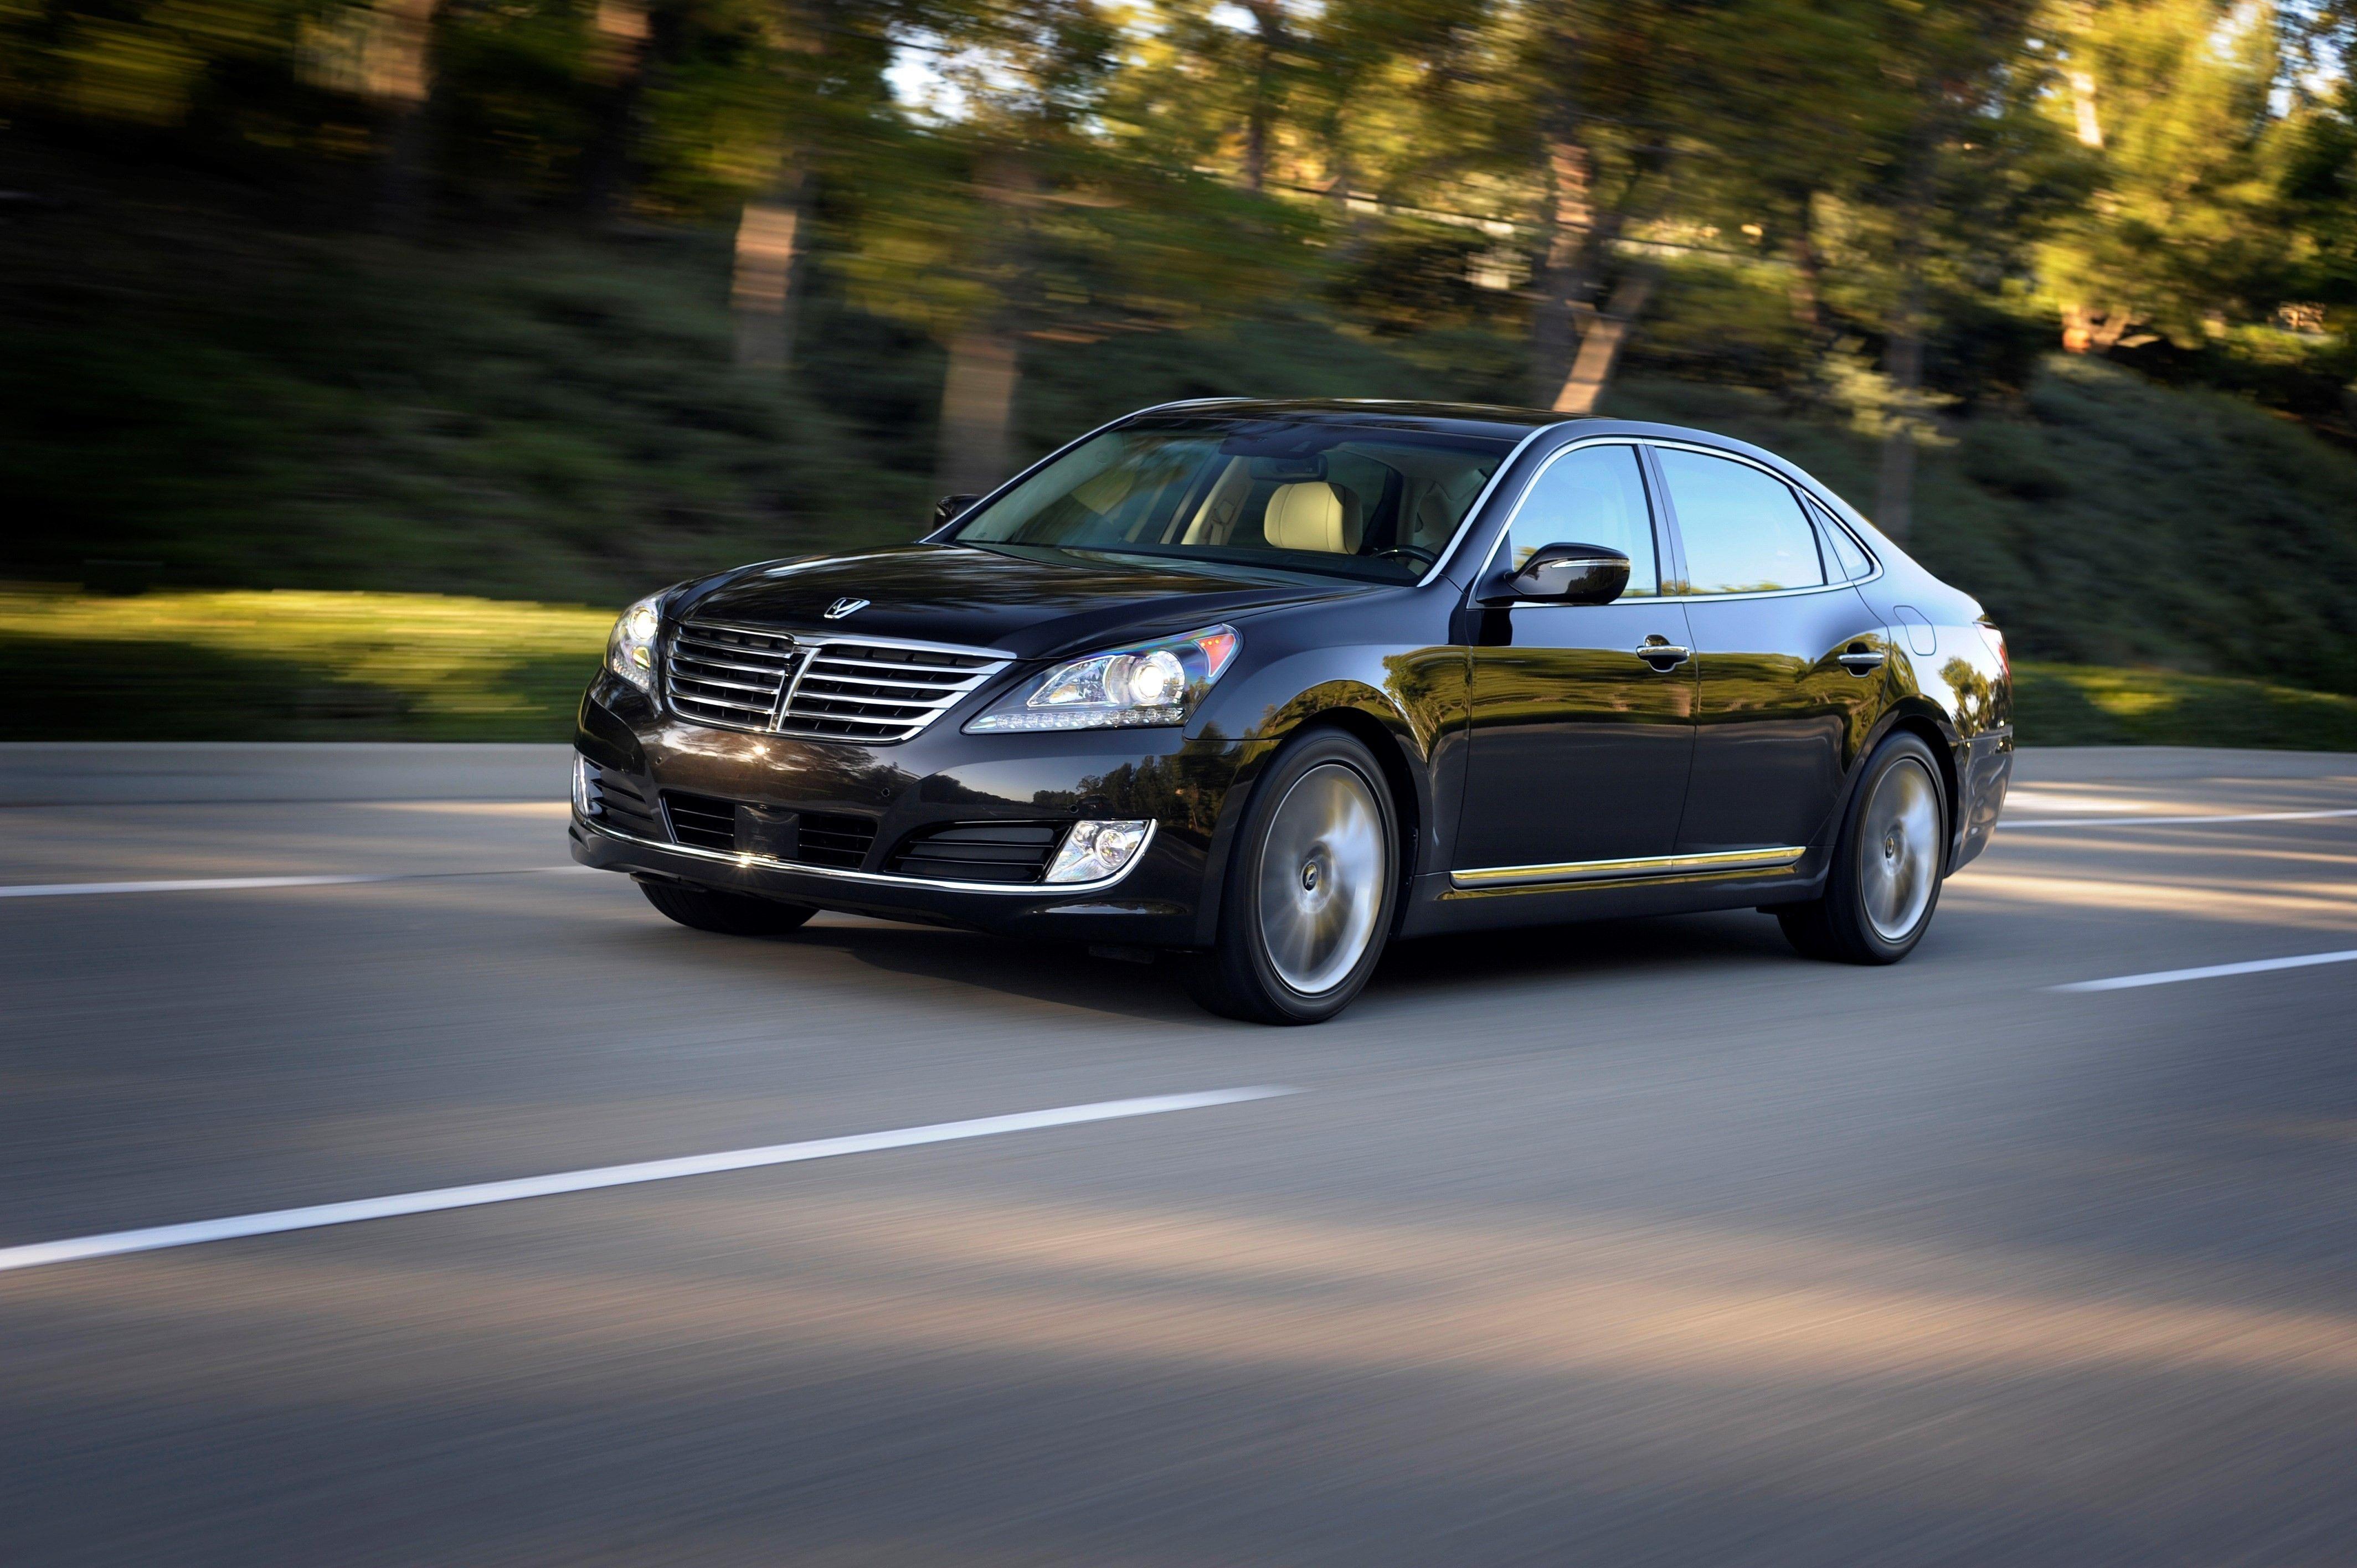 2020 Hyundai Equus Redesign and Concept